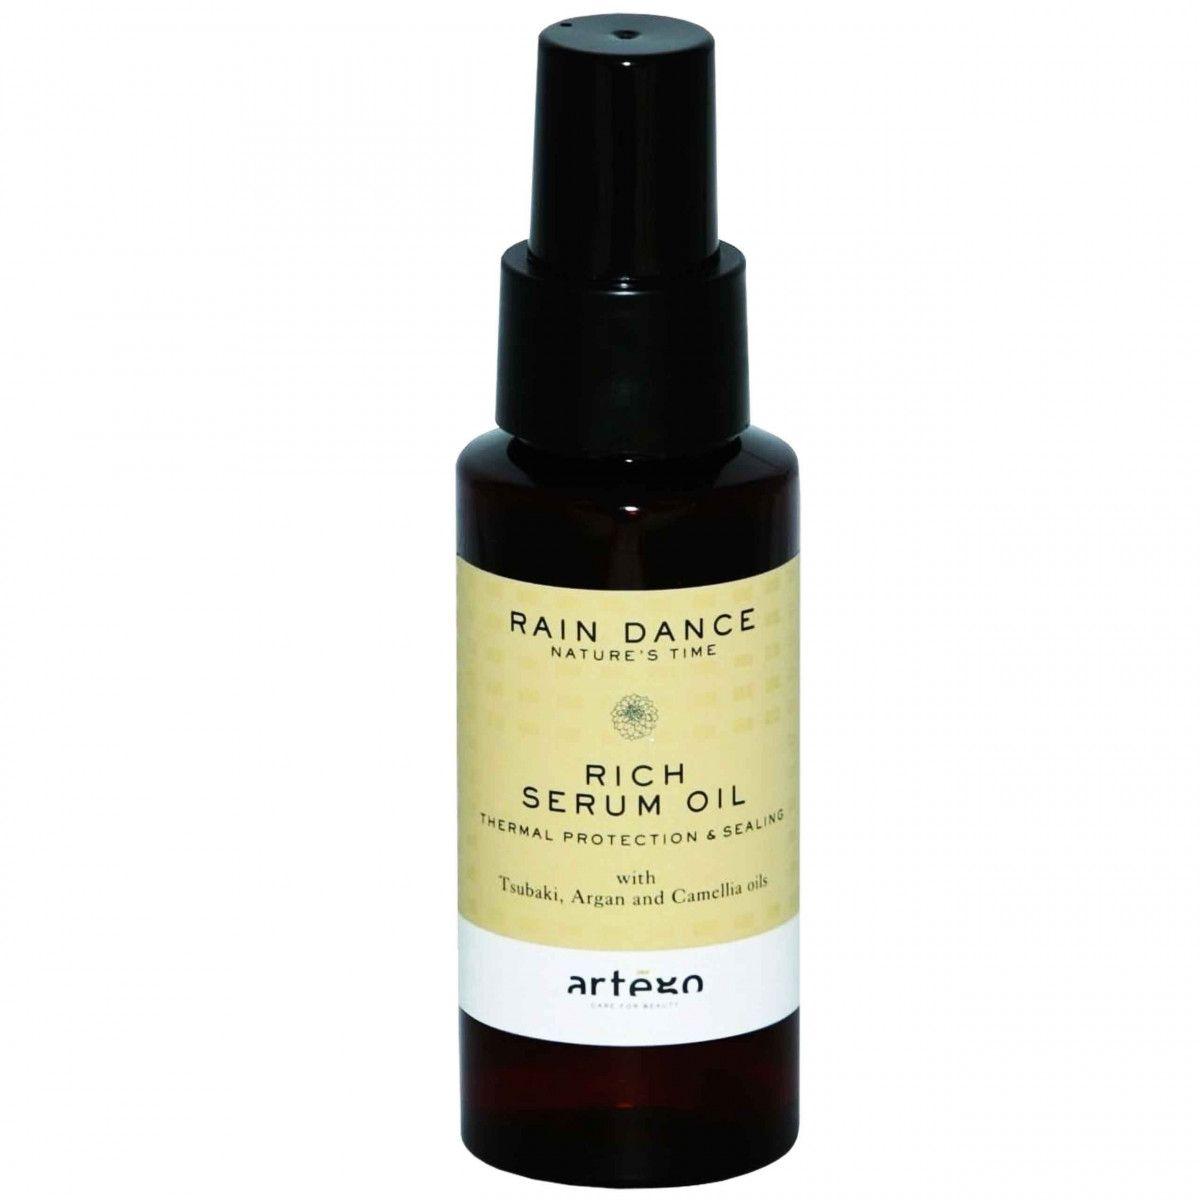 Artego Rain Dance Rich Serum Oil bez spłukiwania intensywnie nawilżające 75 ml